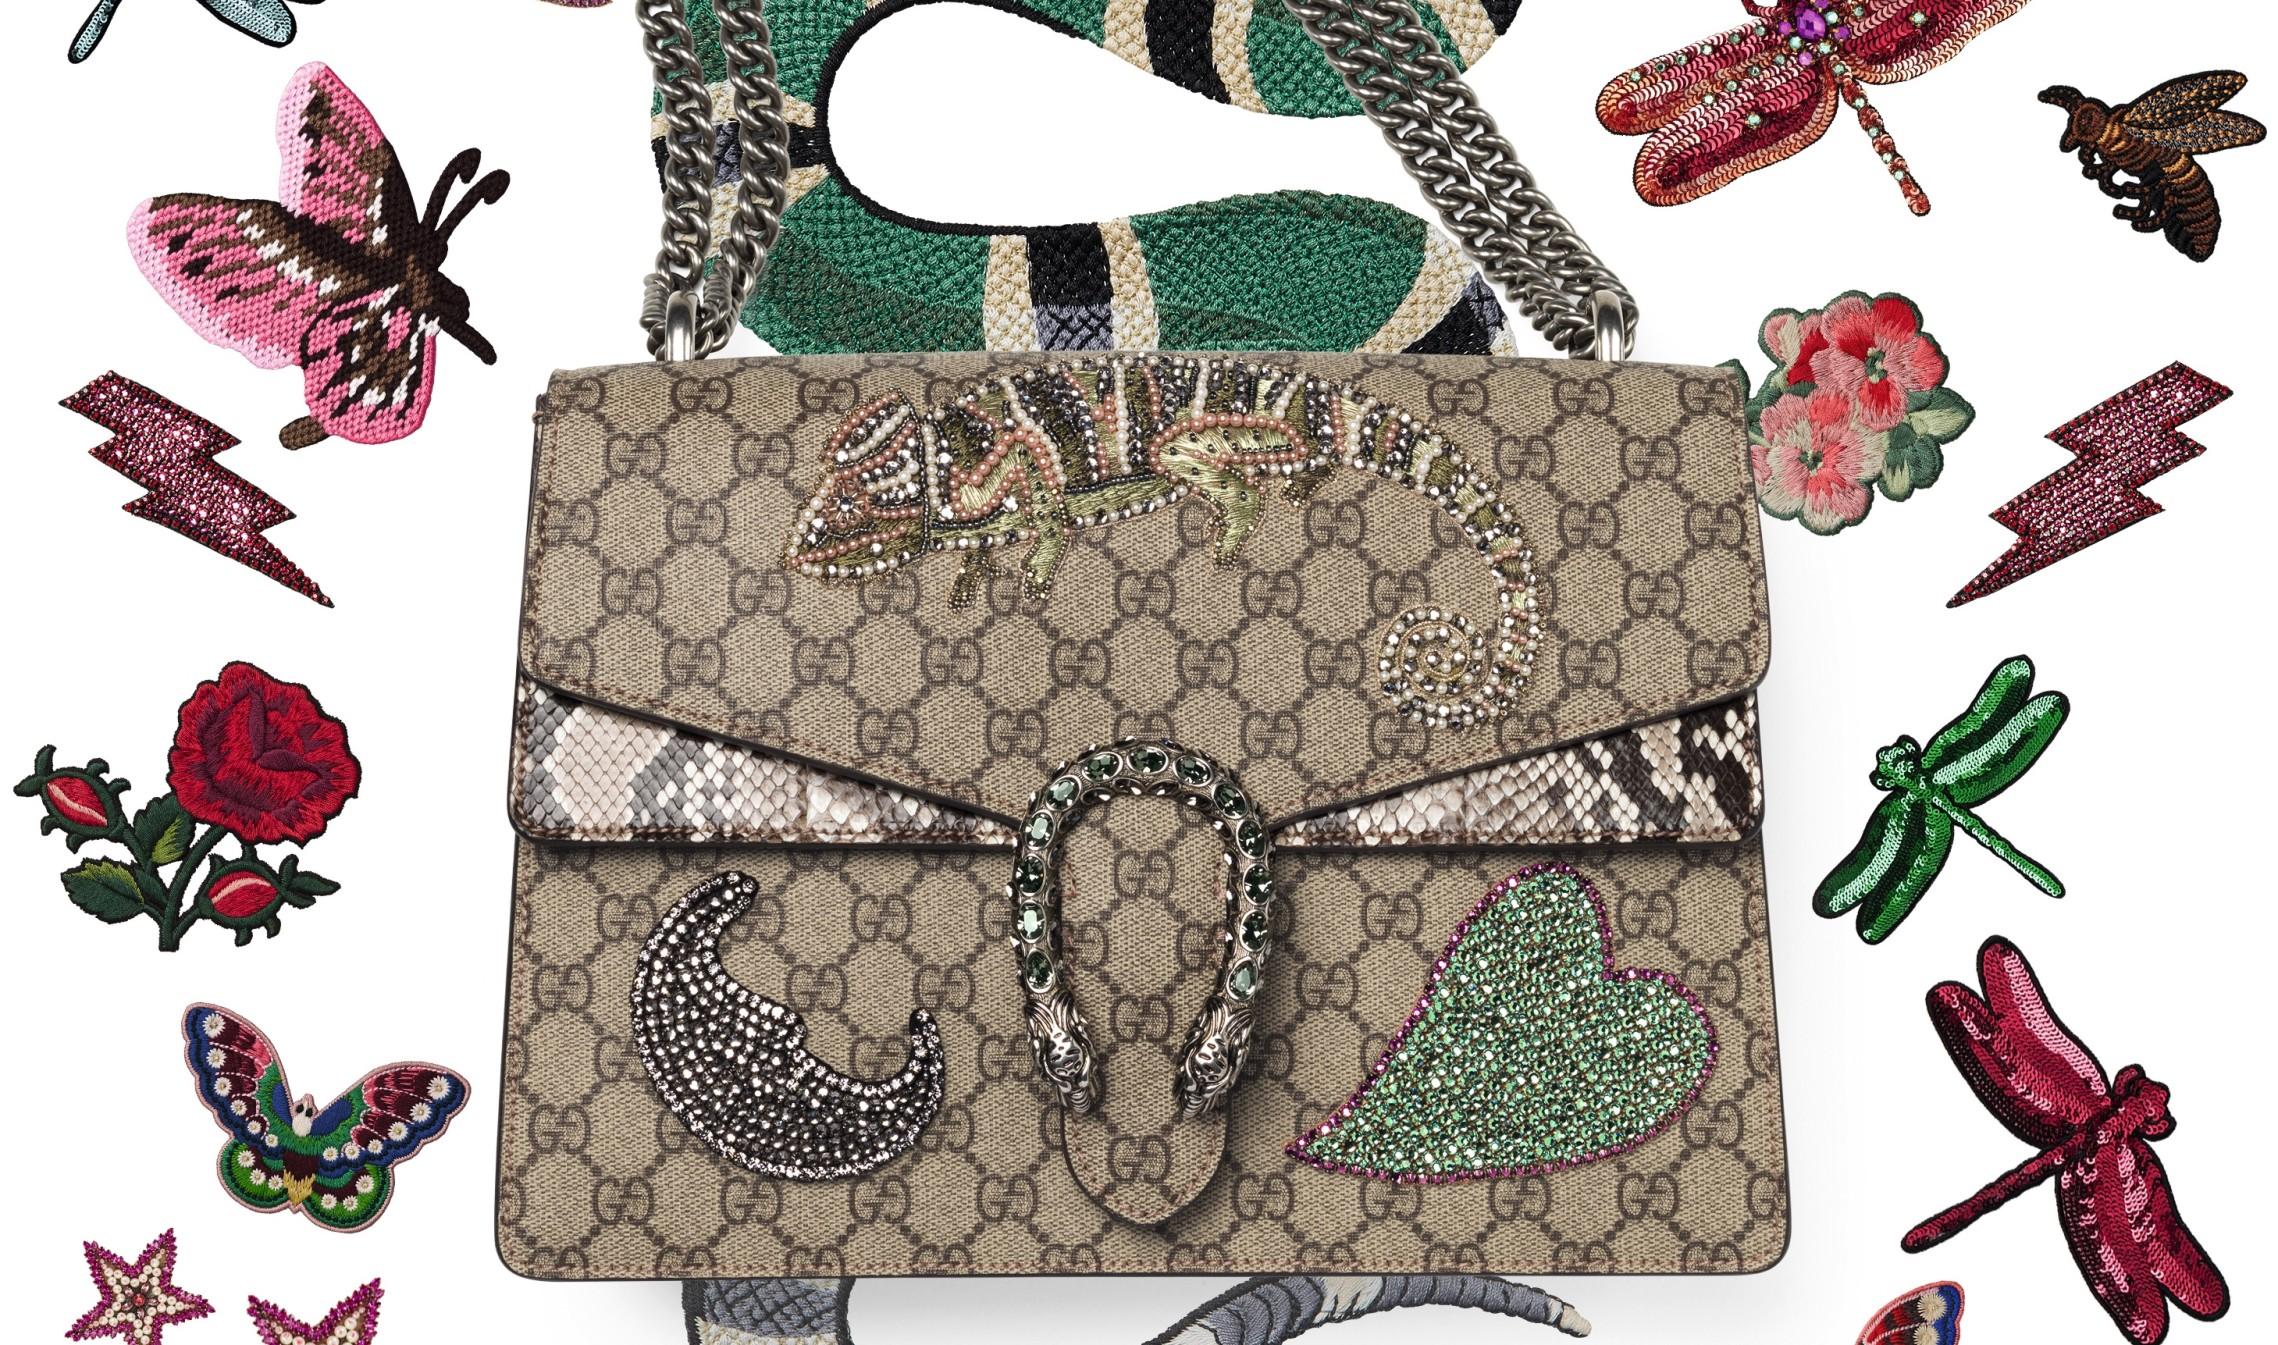 Envelope_gucci_handbags_diy